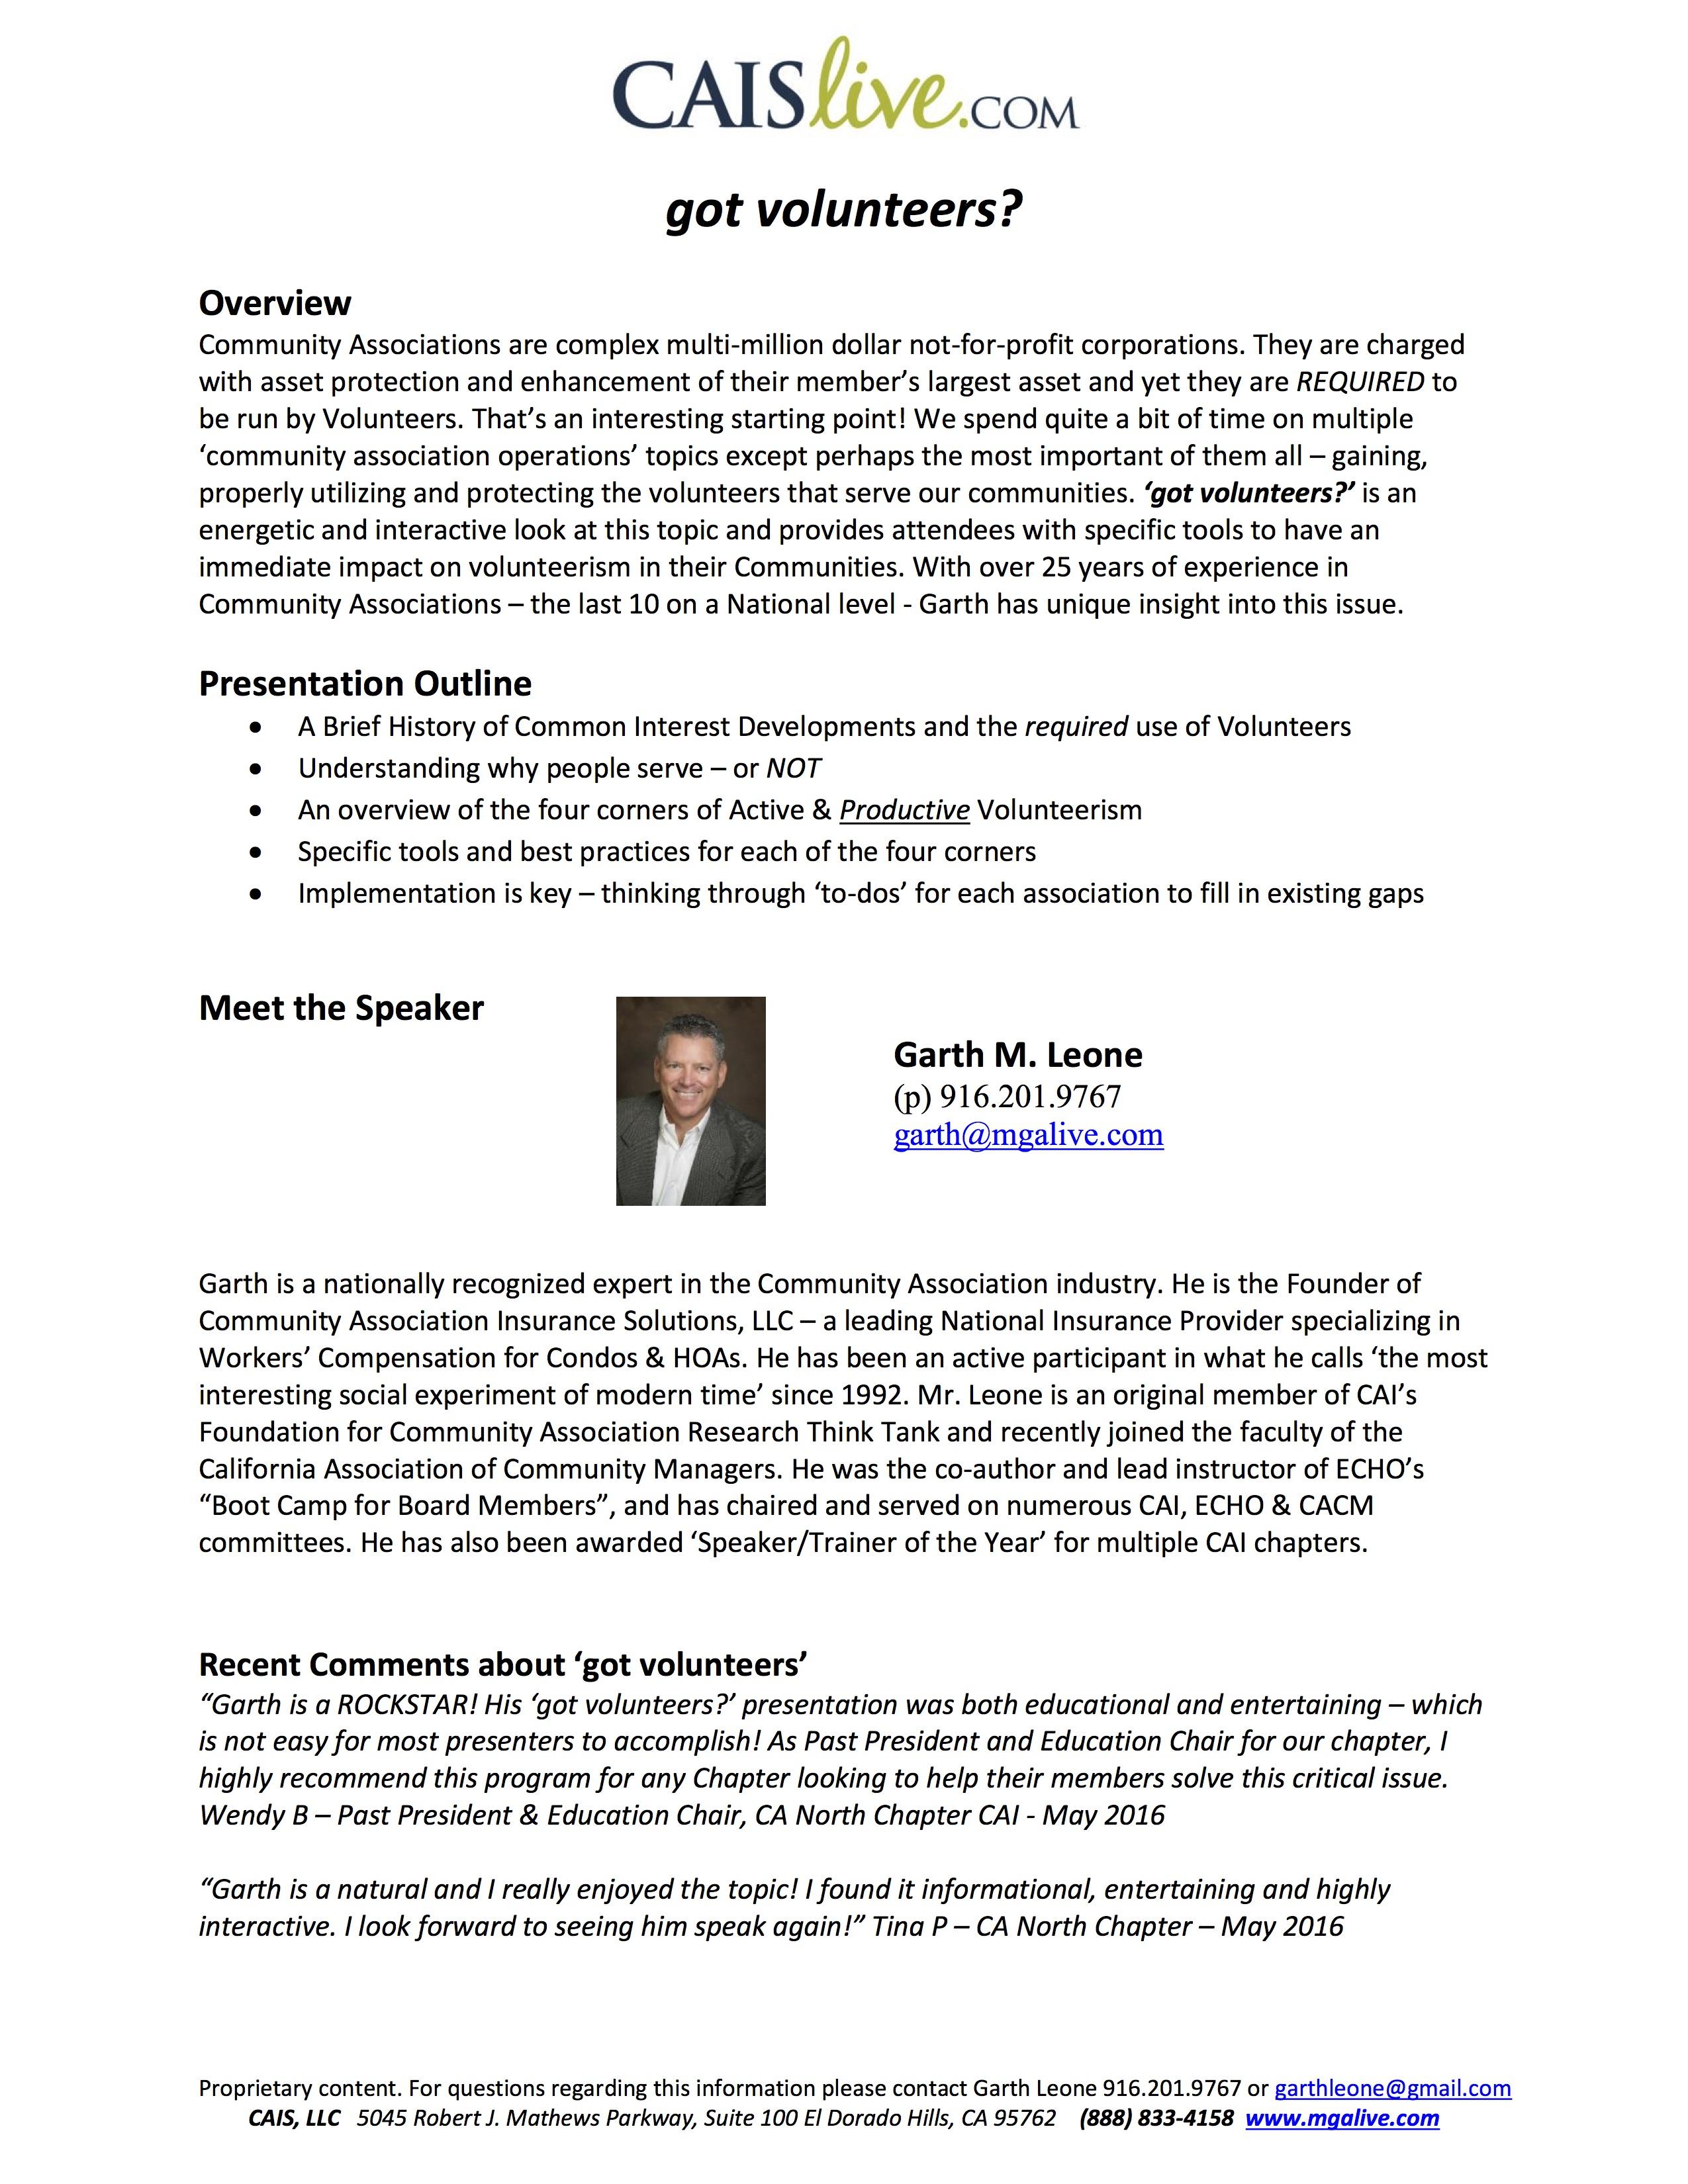 Course Outline BIO and Recent Testamonials - got v